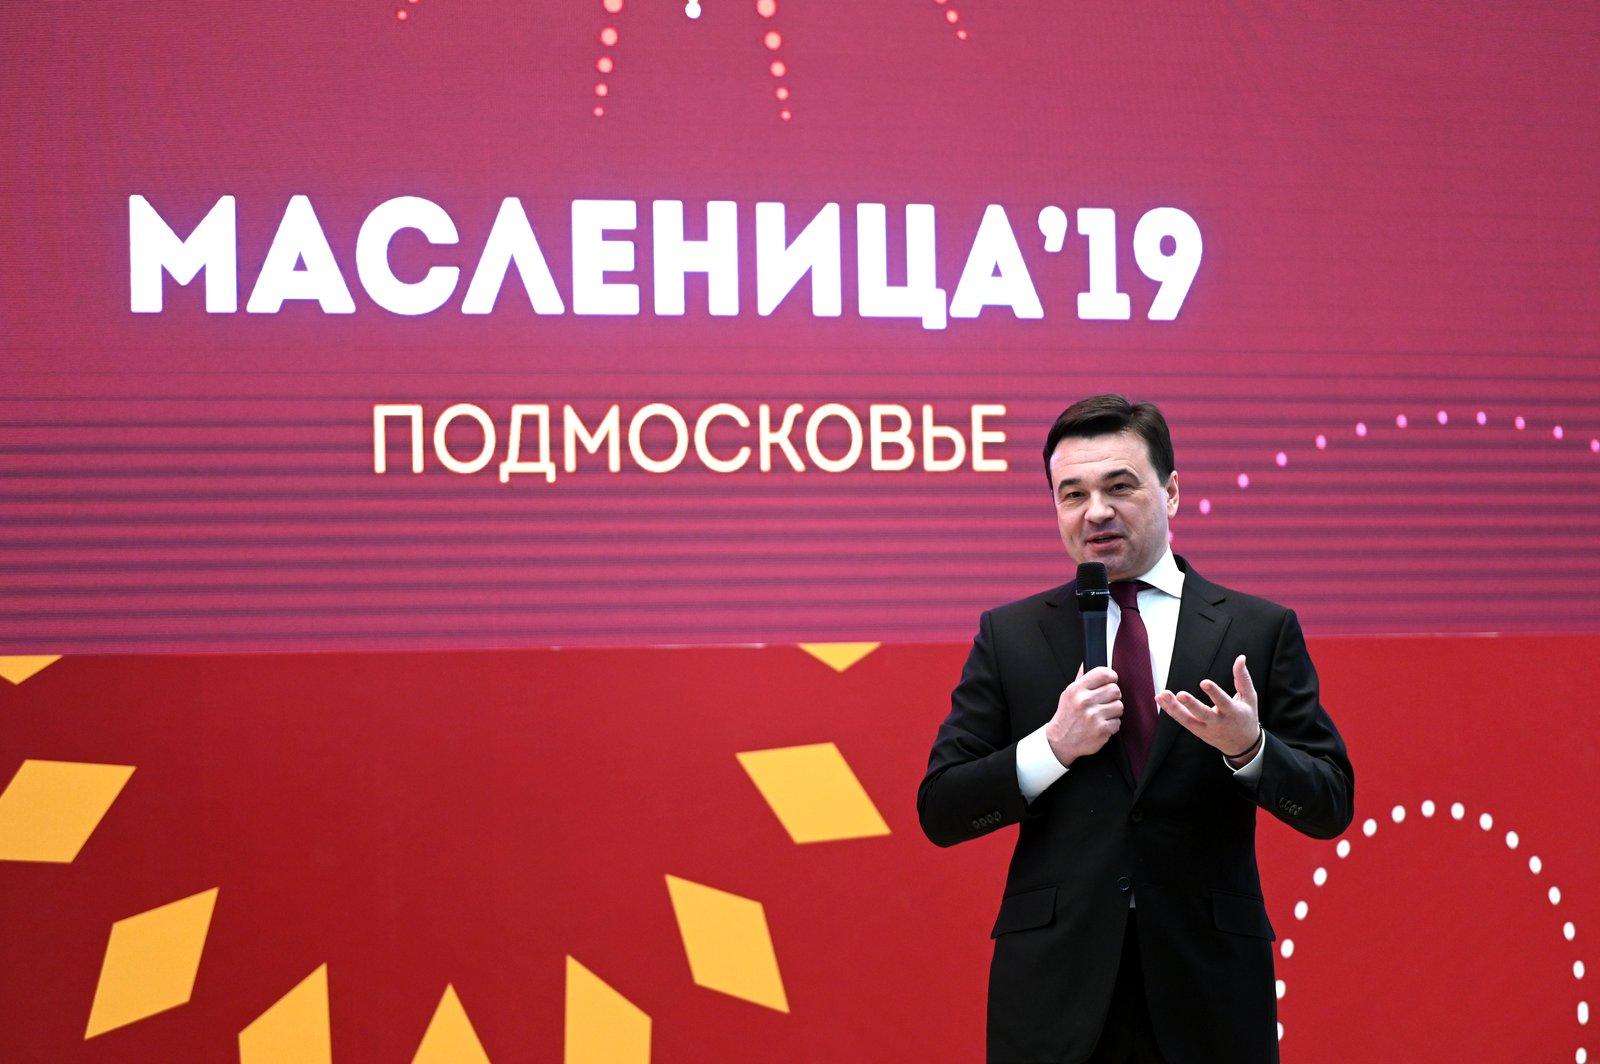 Андрей Воробьев губернатор московской области - Экономика Московской области: рецепты роста